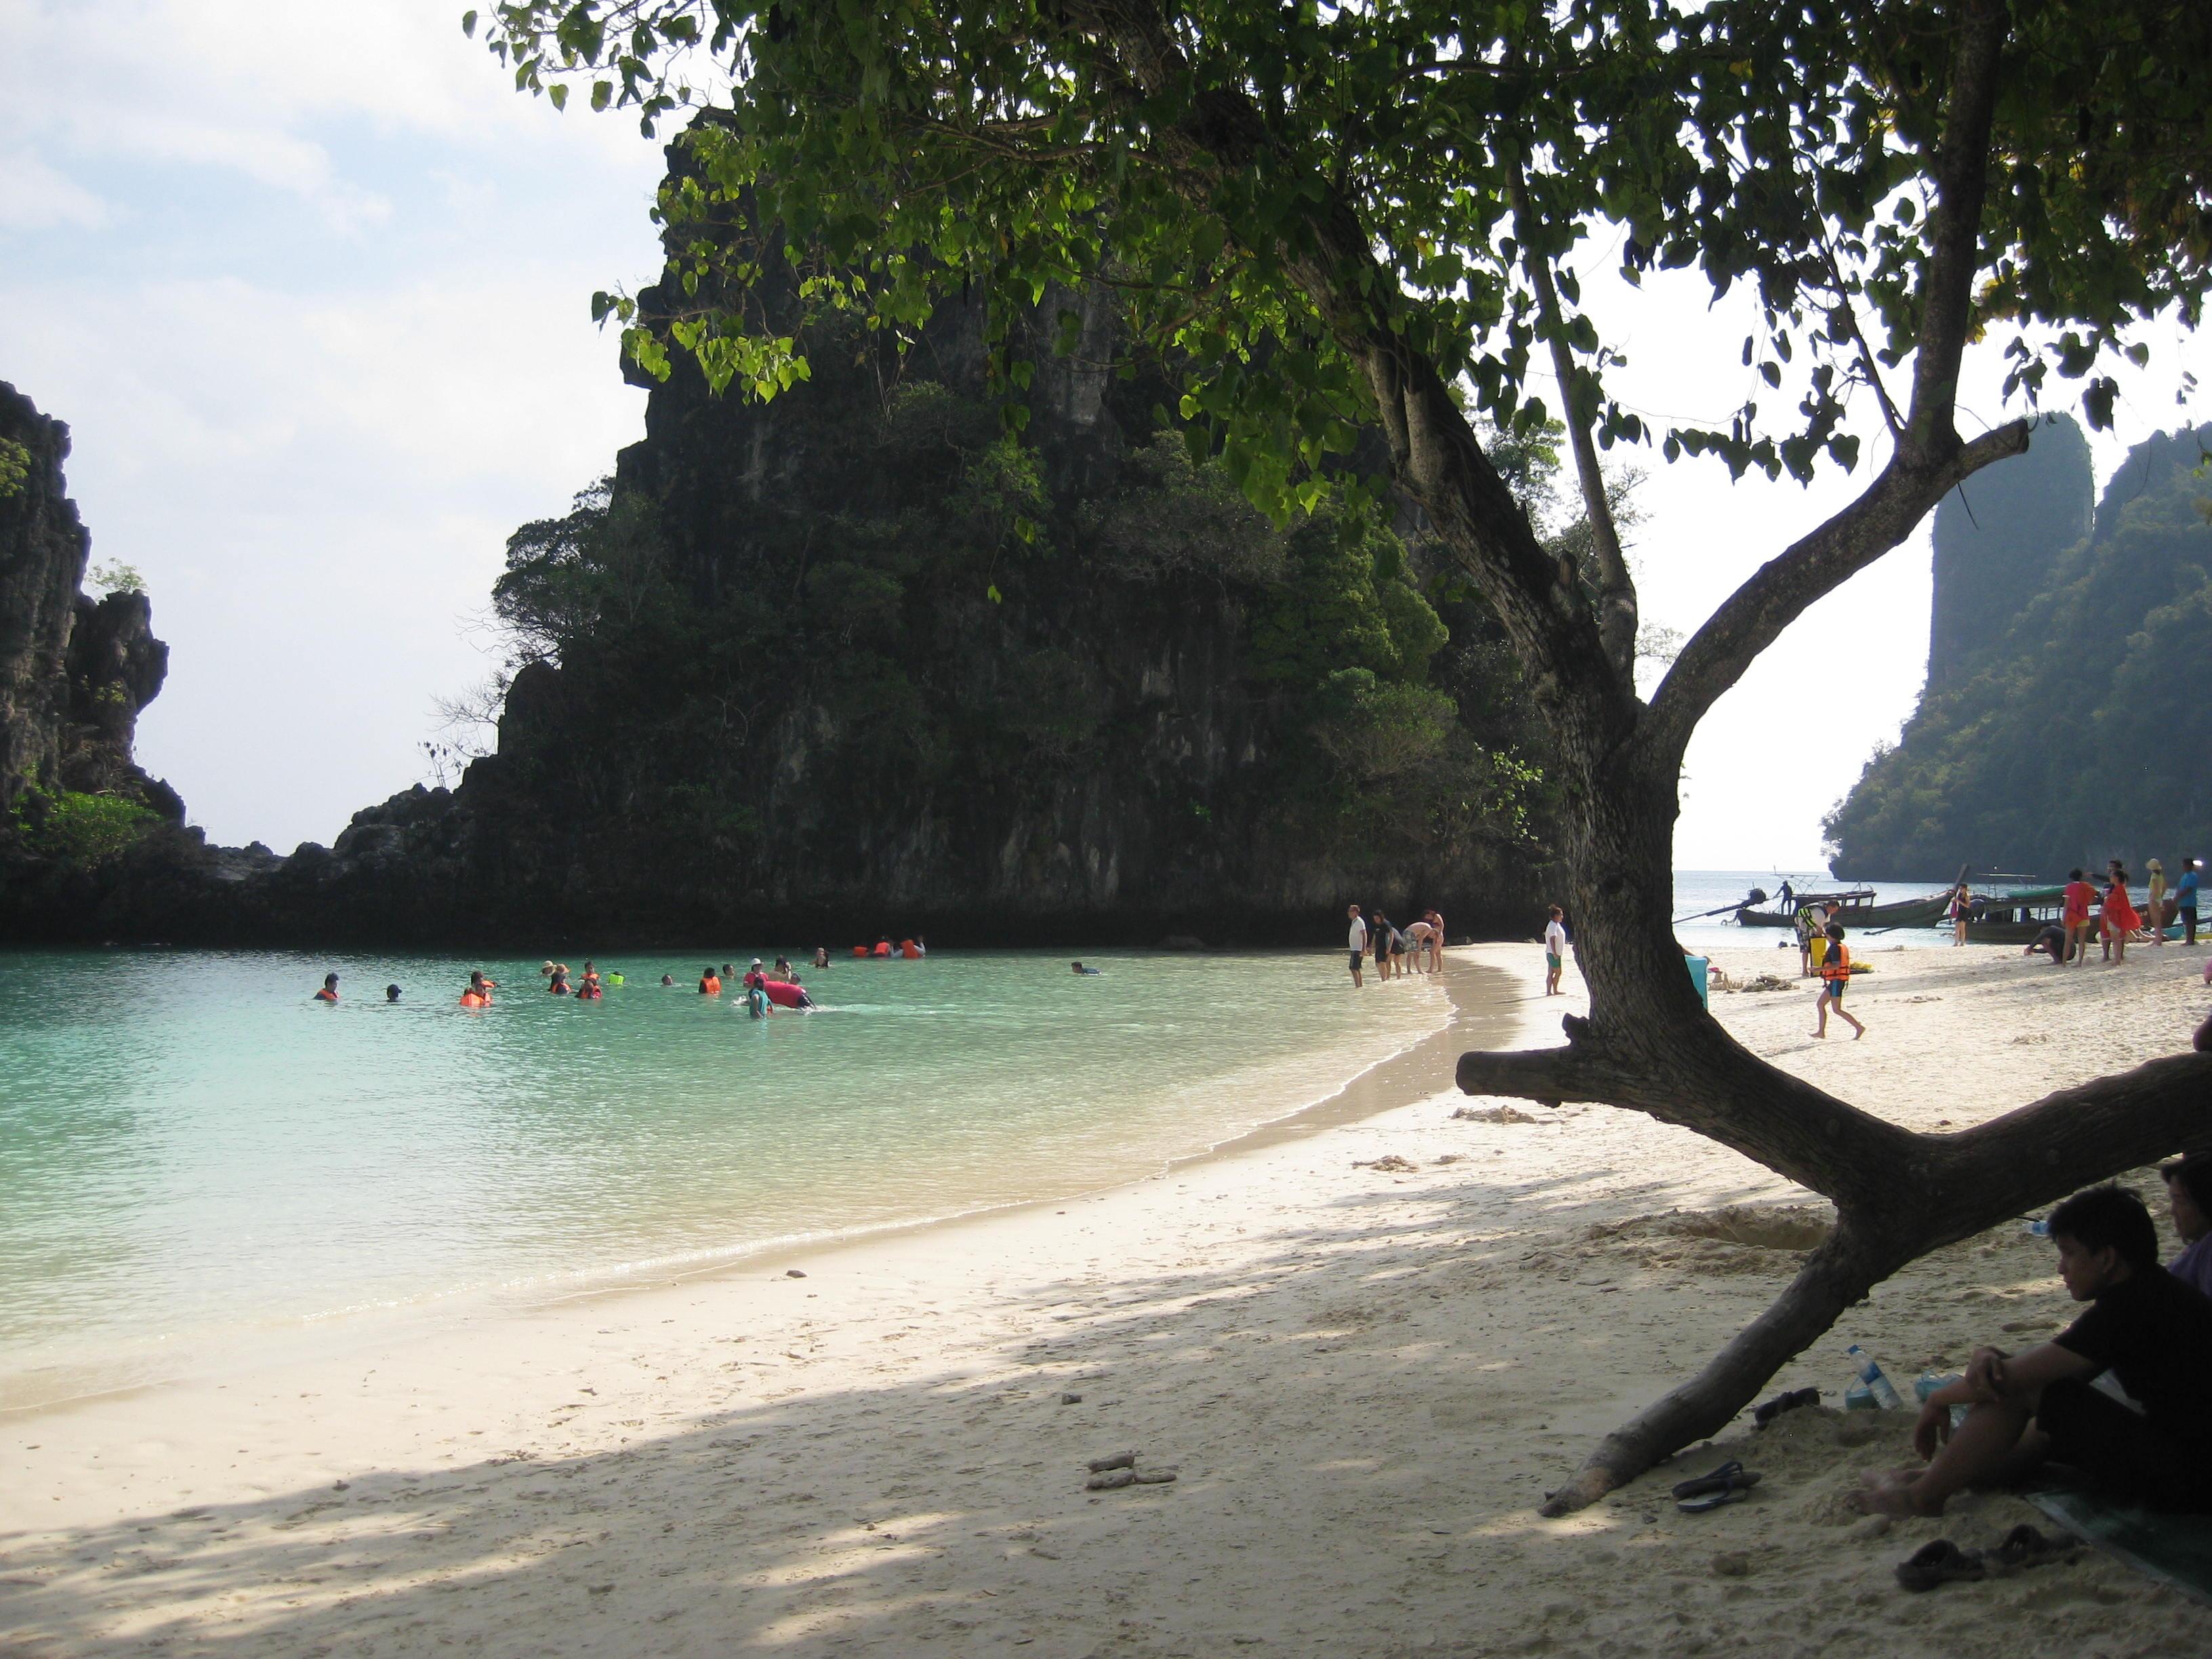 Hong beach